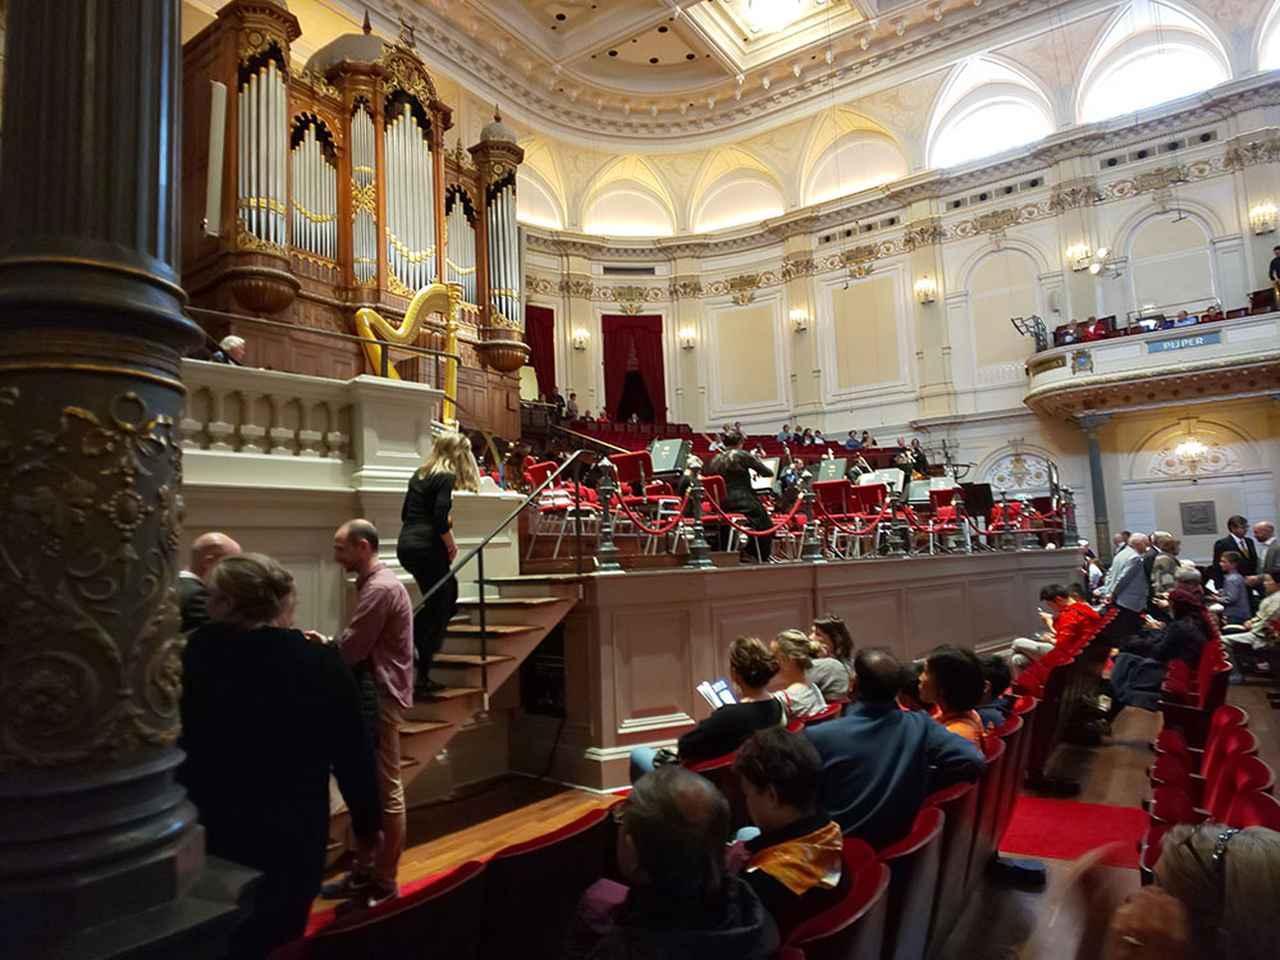 画像: アムステルダム・コンセルトヘボウ。オーケストラはロイヤル・コンセルトヘボウ管弦楽団